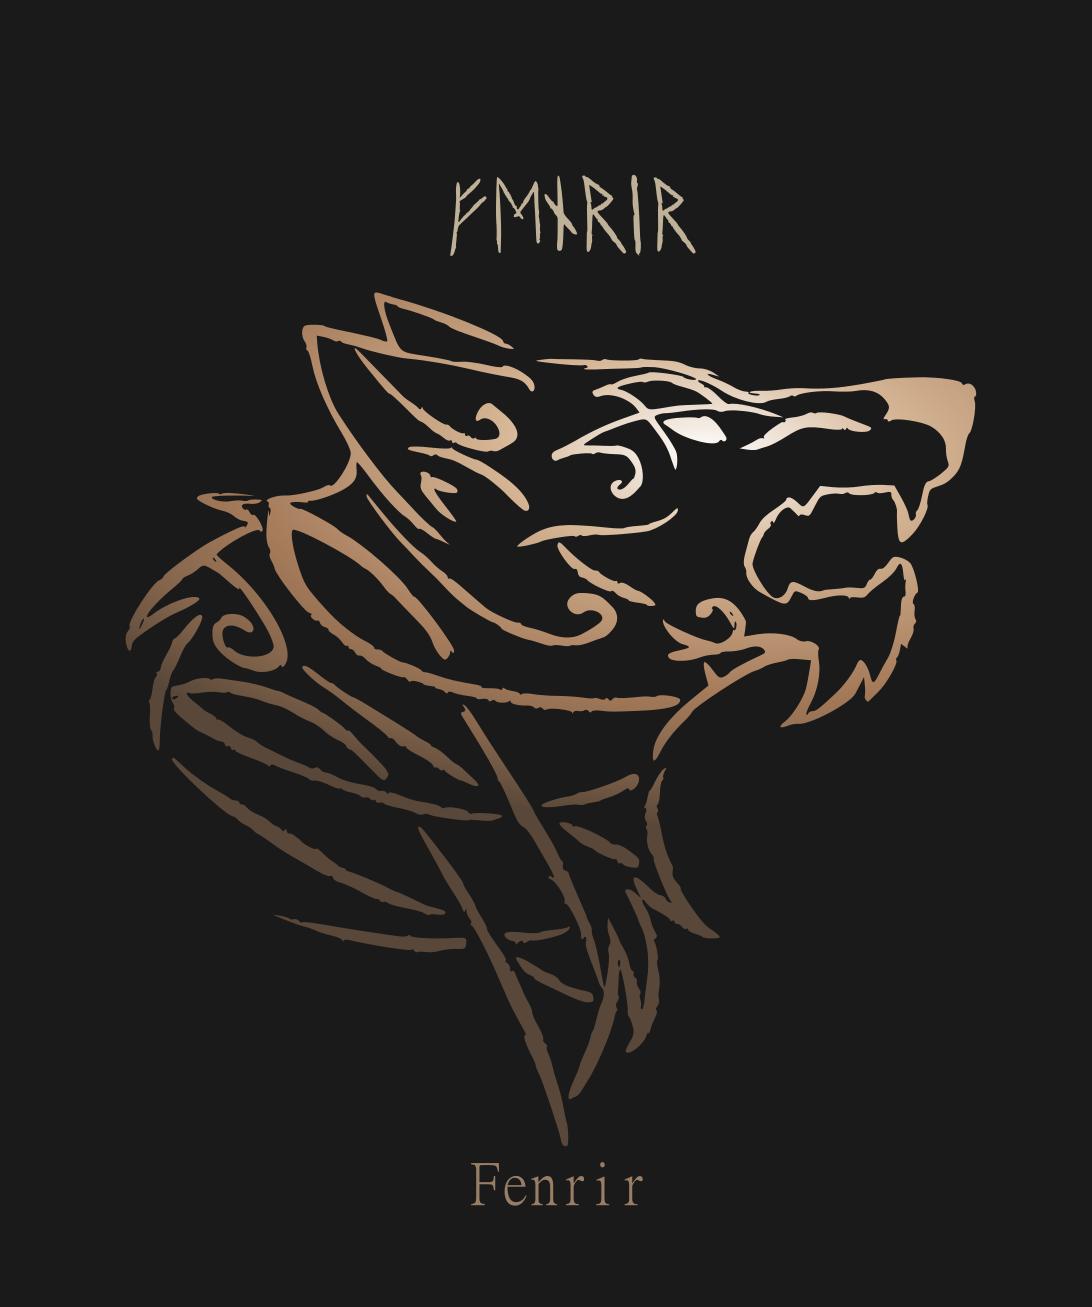 Fenrir wolf symbol - photo#49